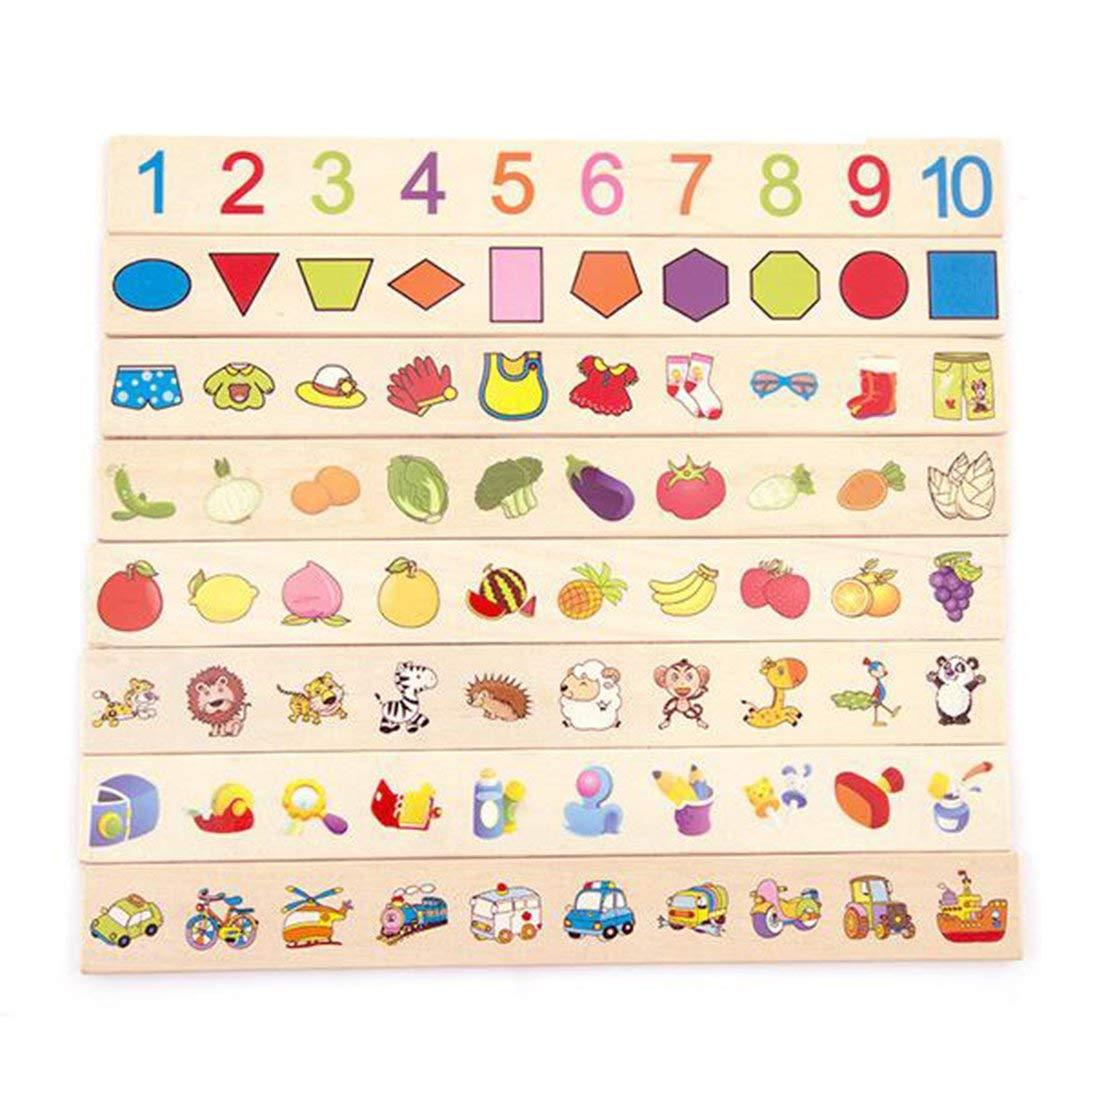 Scatola di classificazione delle conoscenze Montessori Giocattoli di Legno per Bambini Giocattolo educativo di apprendimento precoce Scatole di categoria di Corrispondenza Kaemma